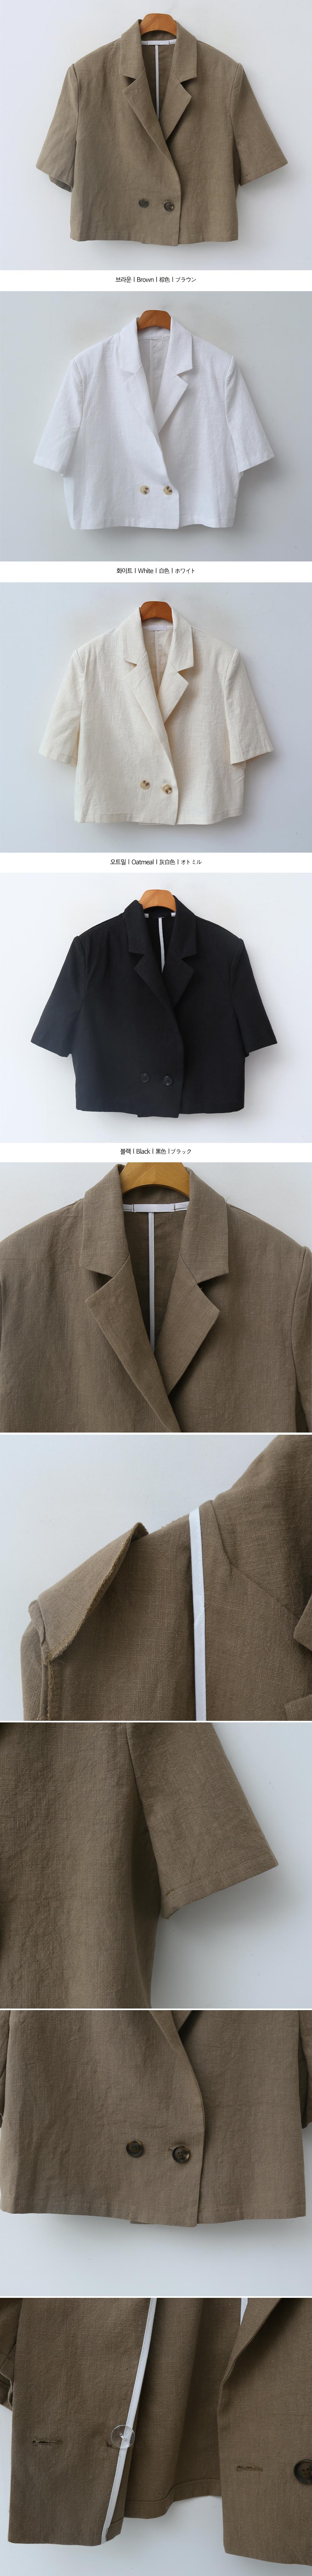 肩パッド付きダブルボタン半袖クロップドリネンジャケット